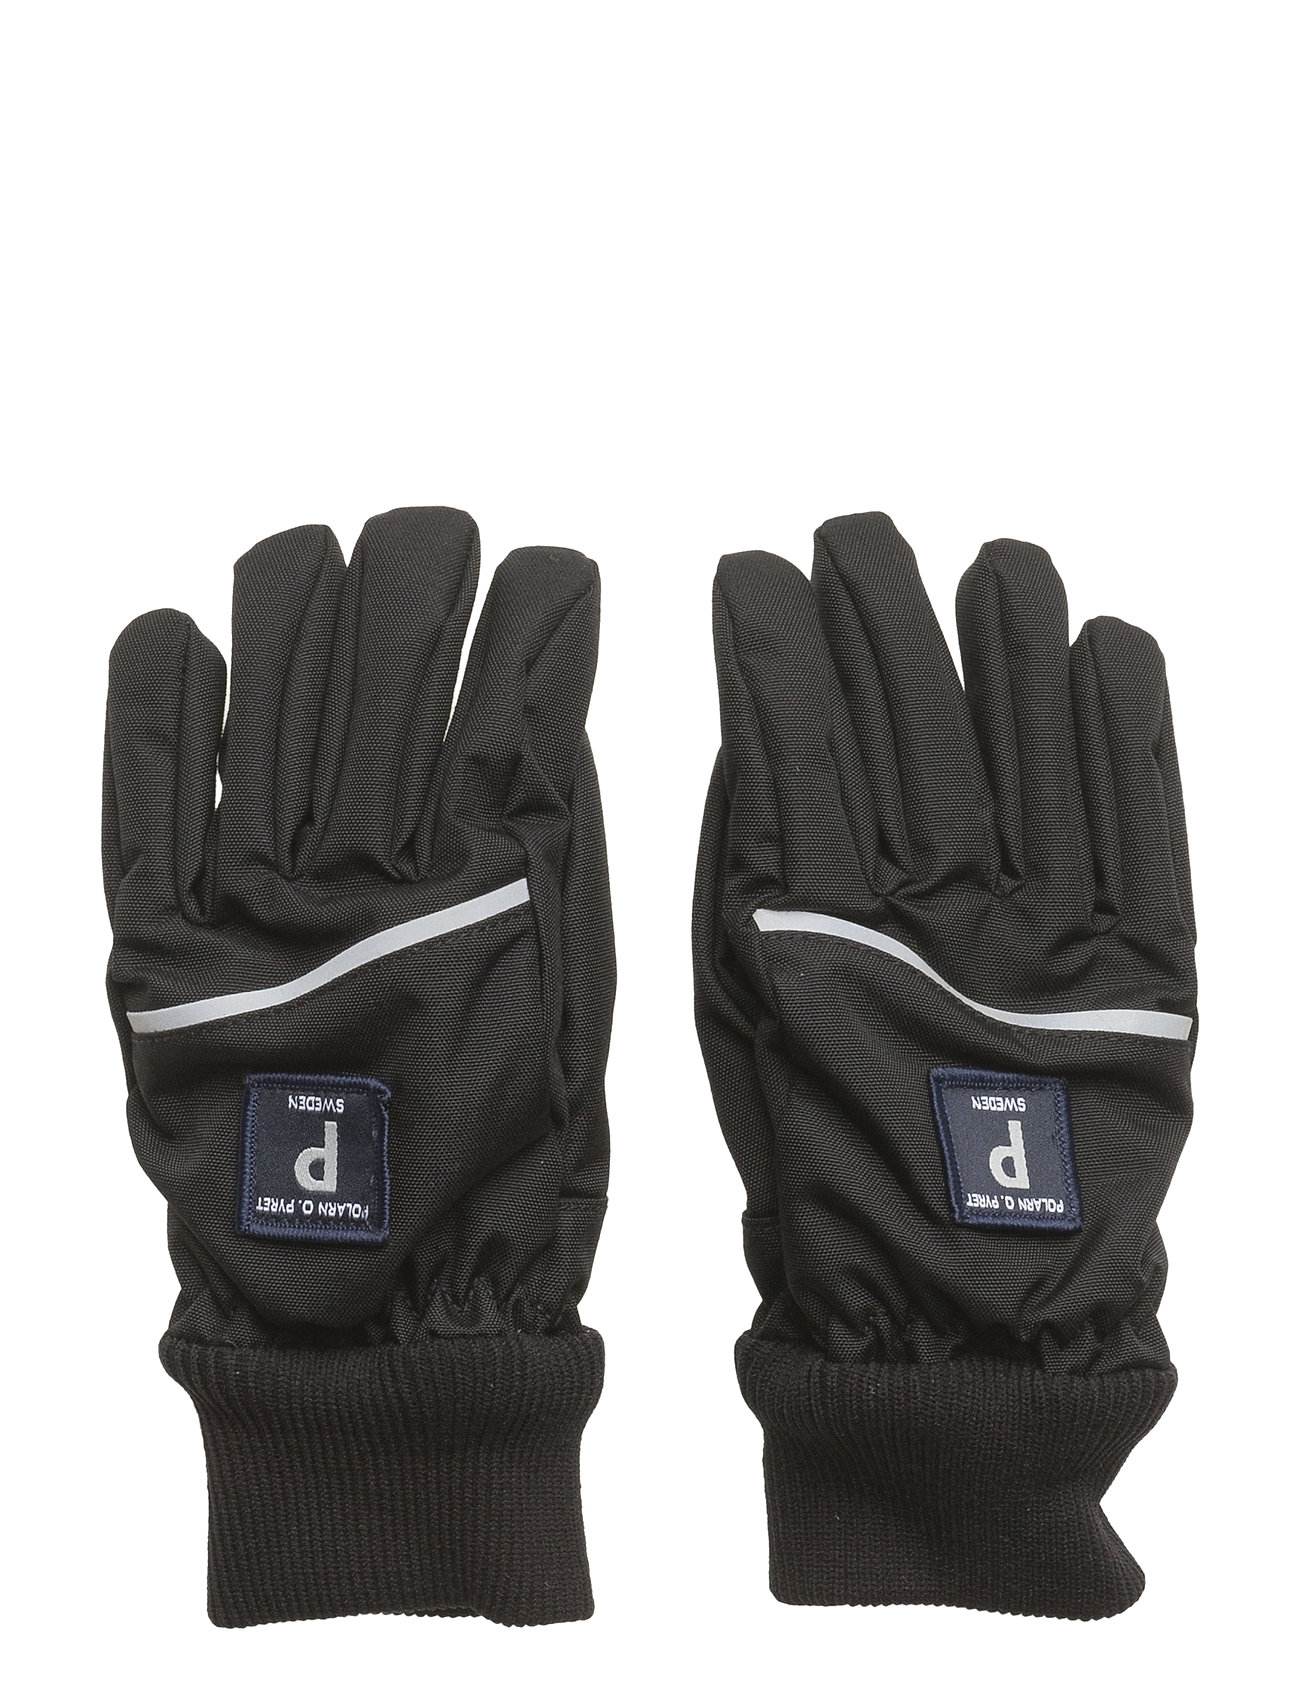 Polarn O. Pyret Shell gloves